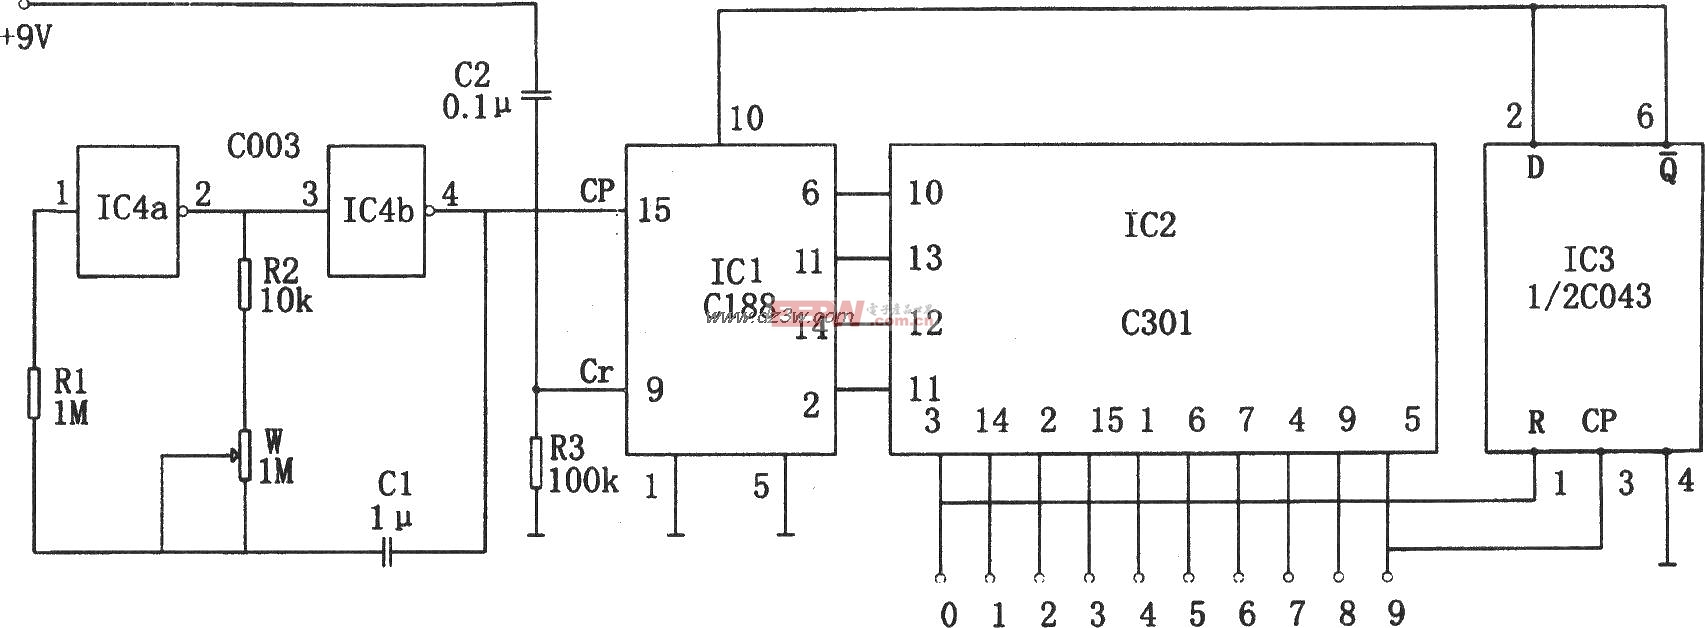 流水 电路/如图所示为可逆式流水彩灯控制电路。